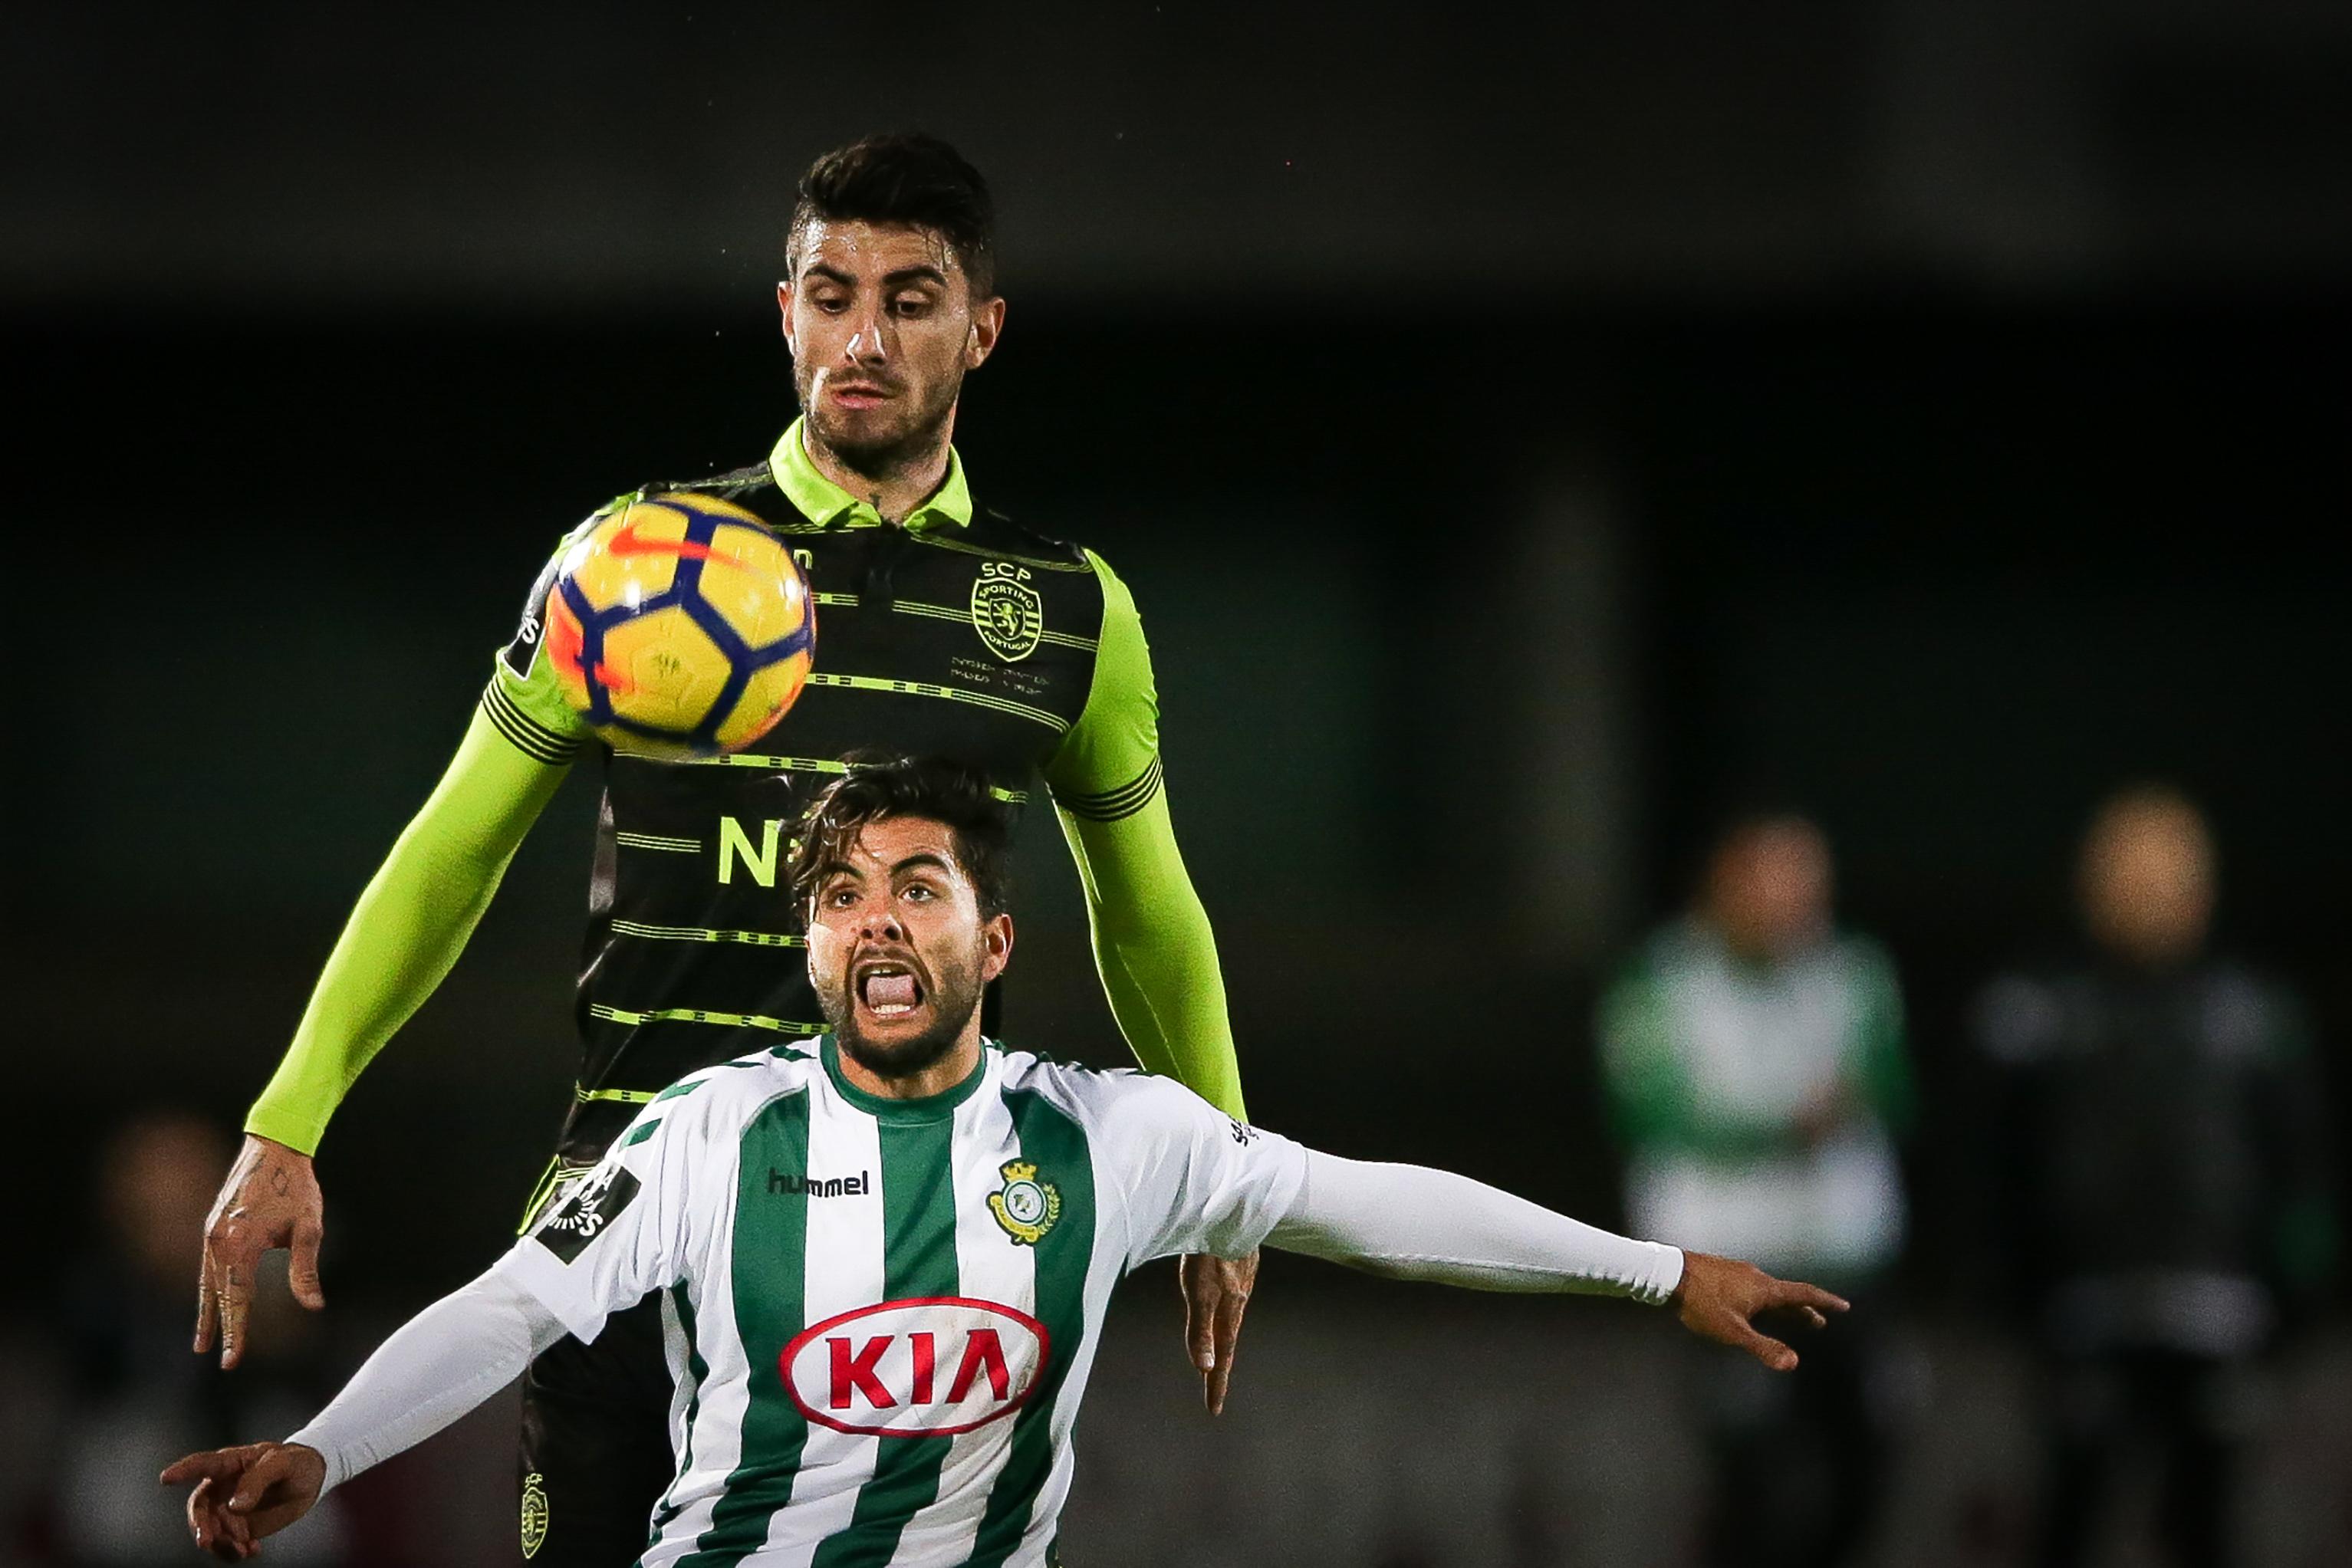 Vitória de Setúbal empata com Sporting com penálti nos descontos